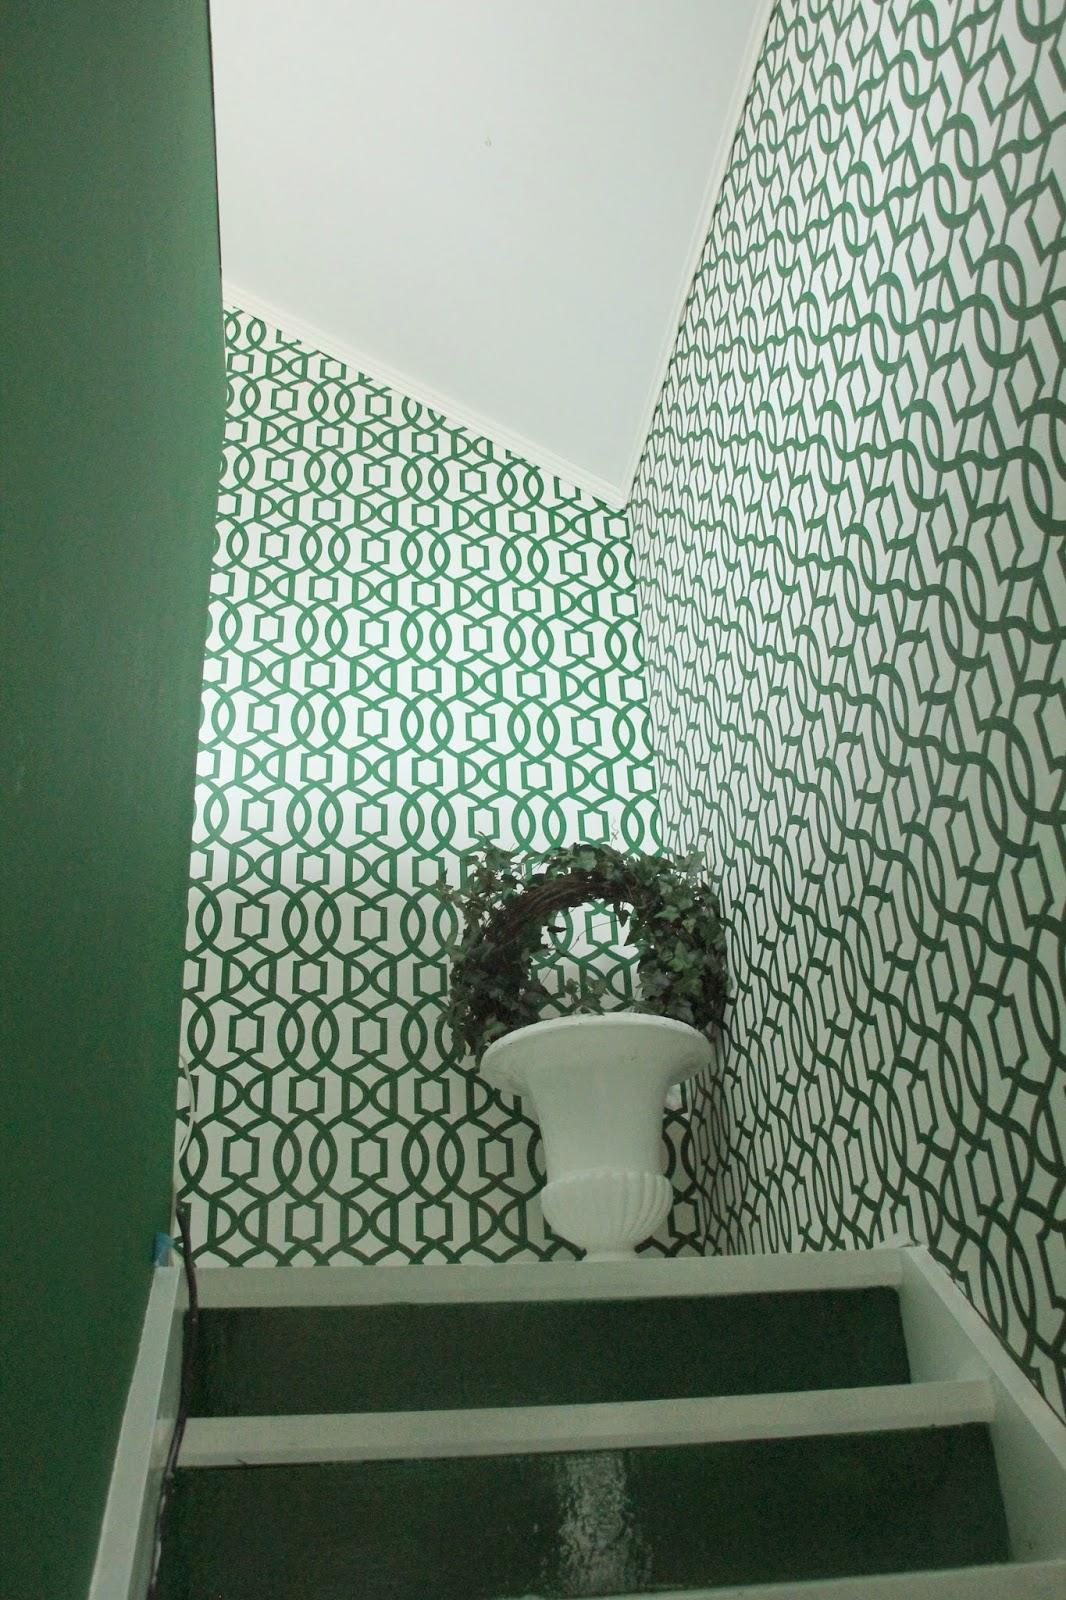 All of irina: før og etter bilder av trappa